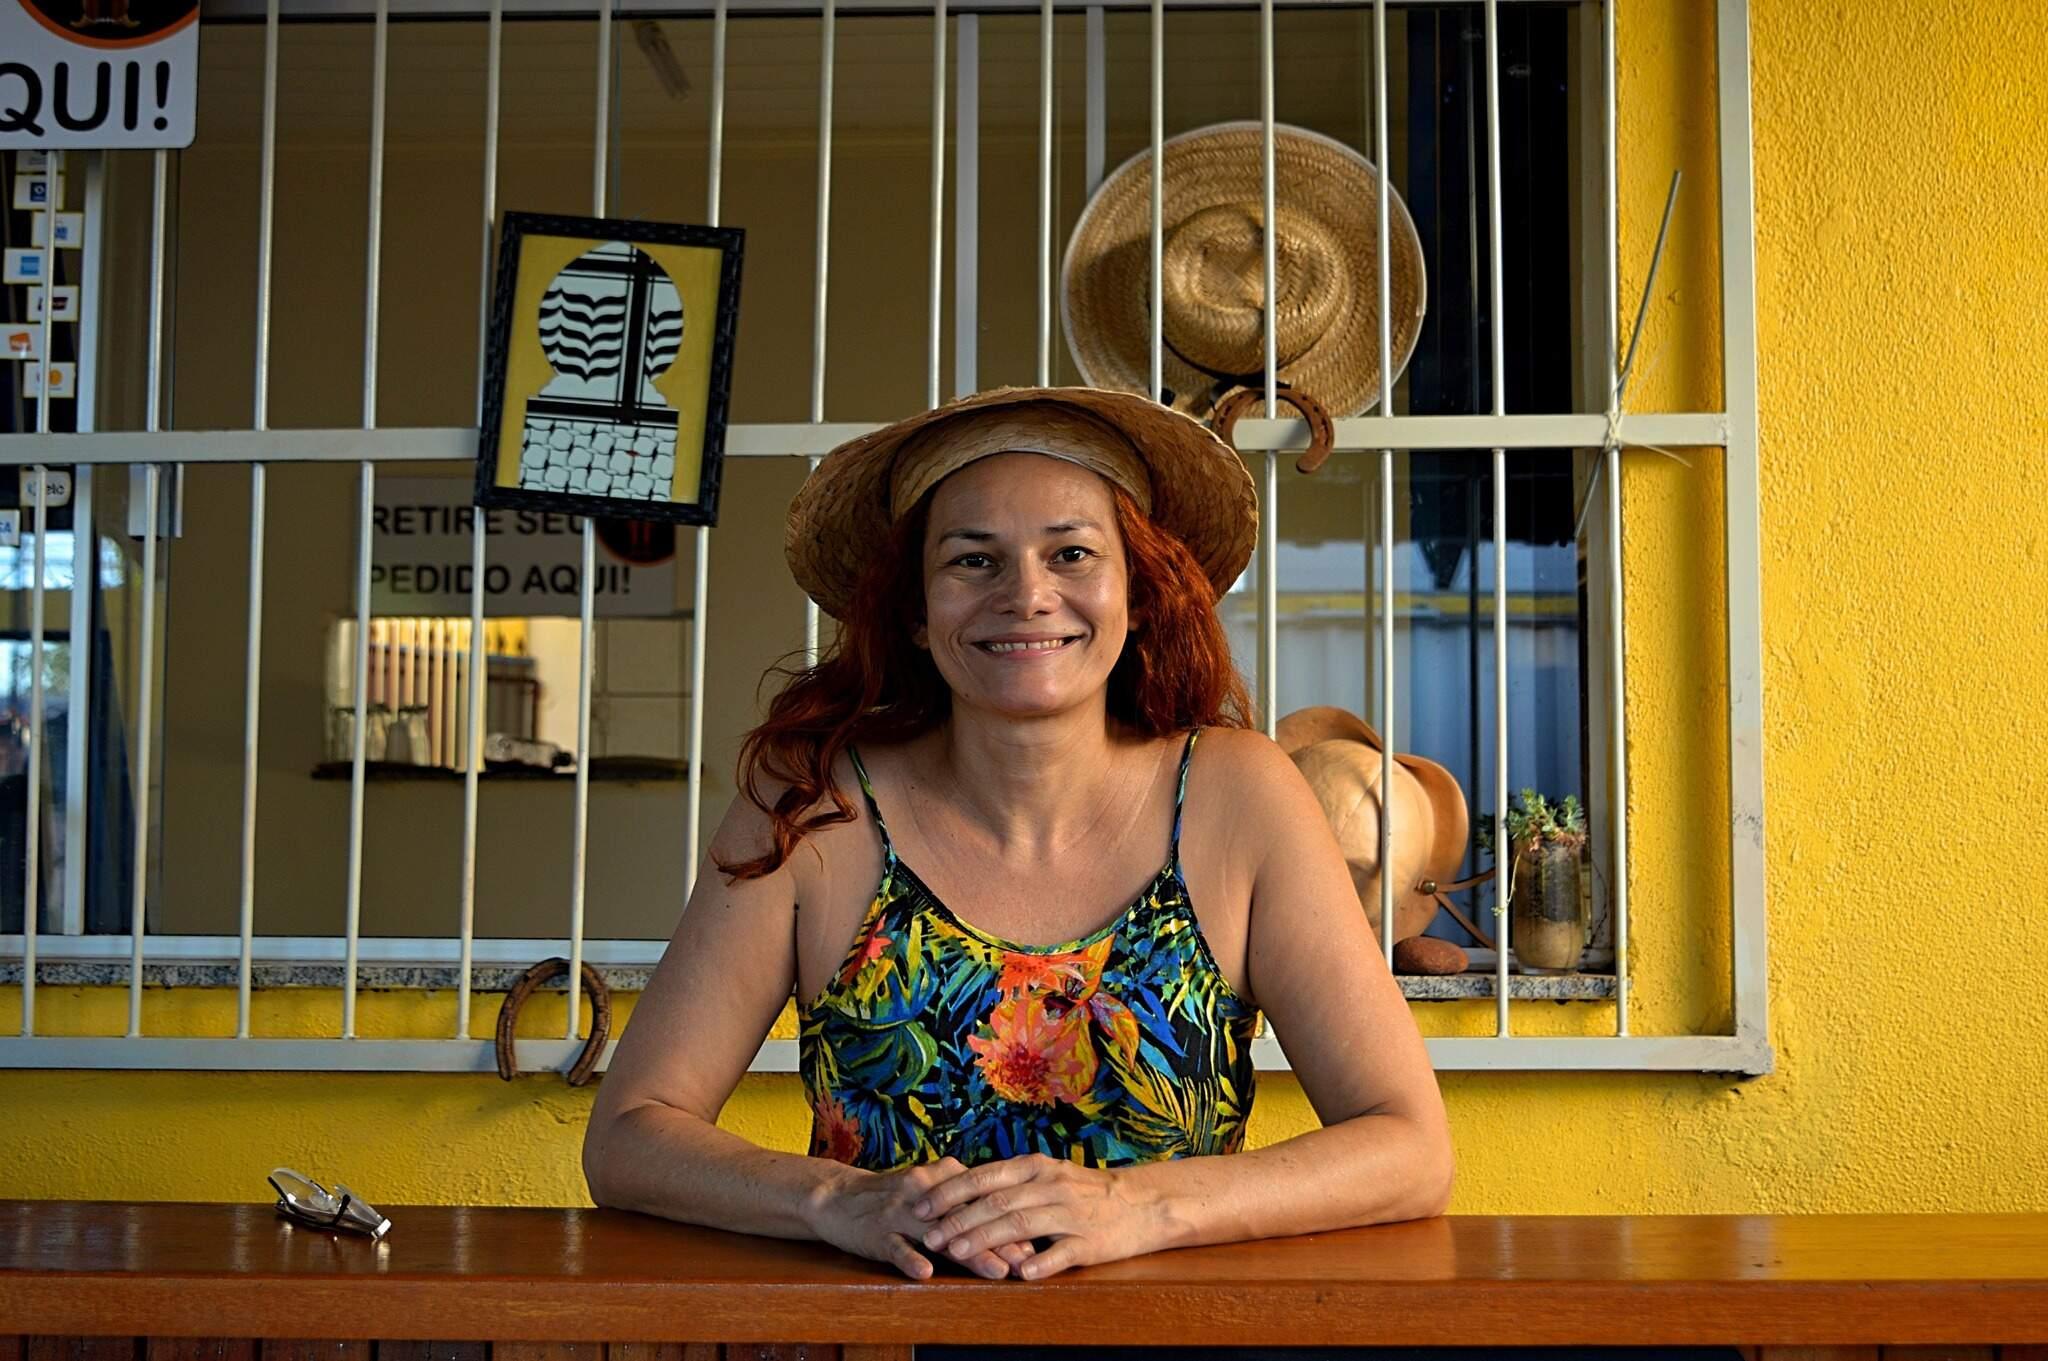 Andrea da Mata trabalha na hamburgueria. (Foto: Alana Portela)